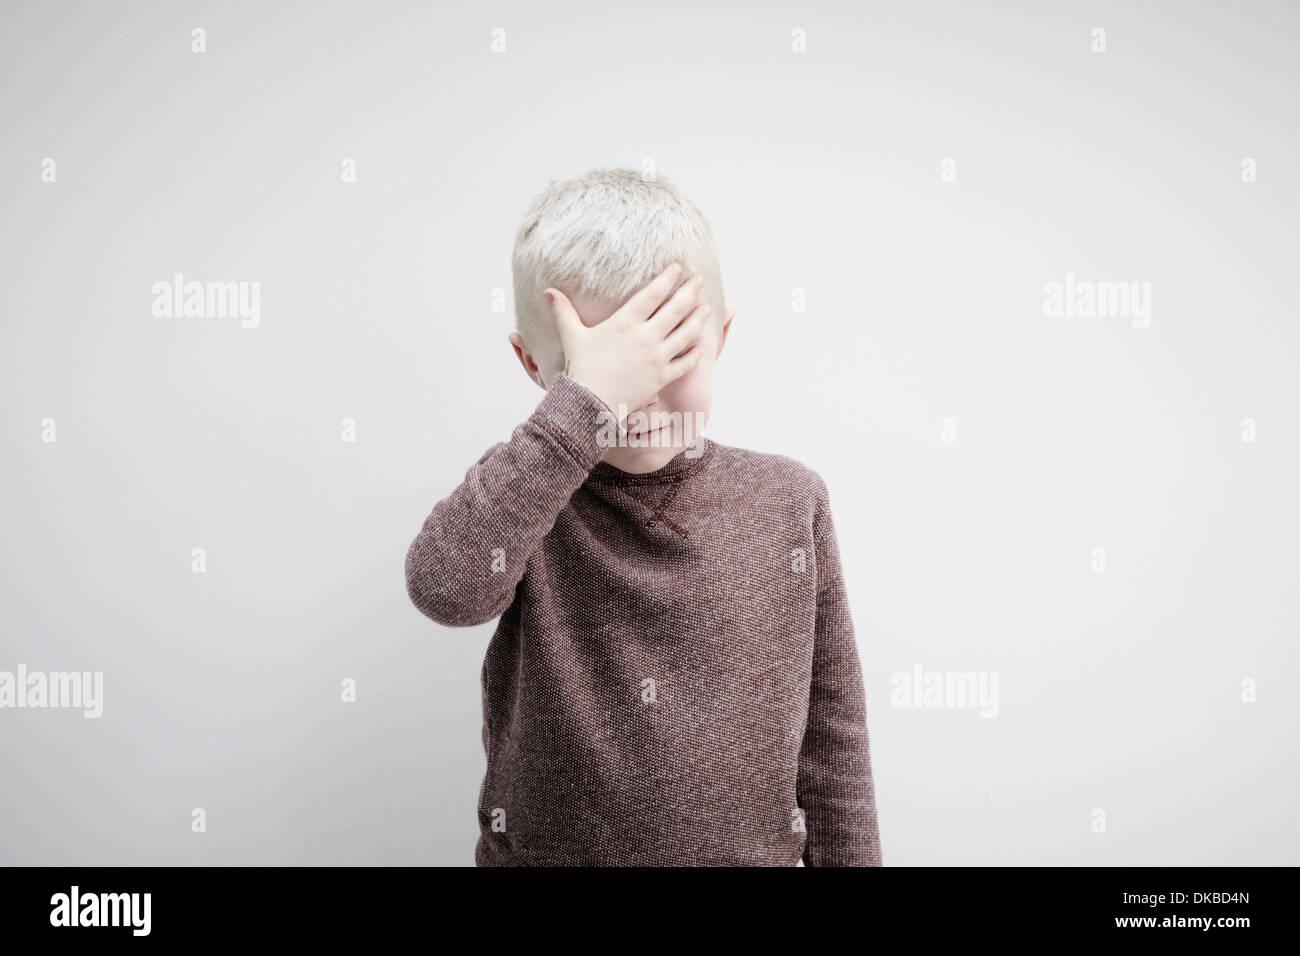 Porträt der jungen tragen braune Jumper für Gesicht mit den Händen Stockbild